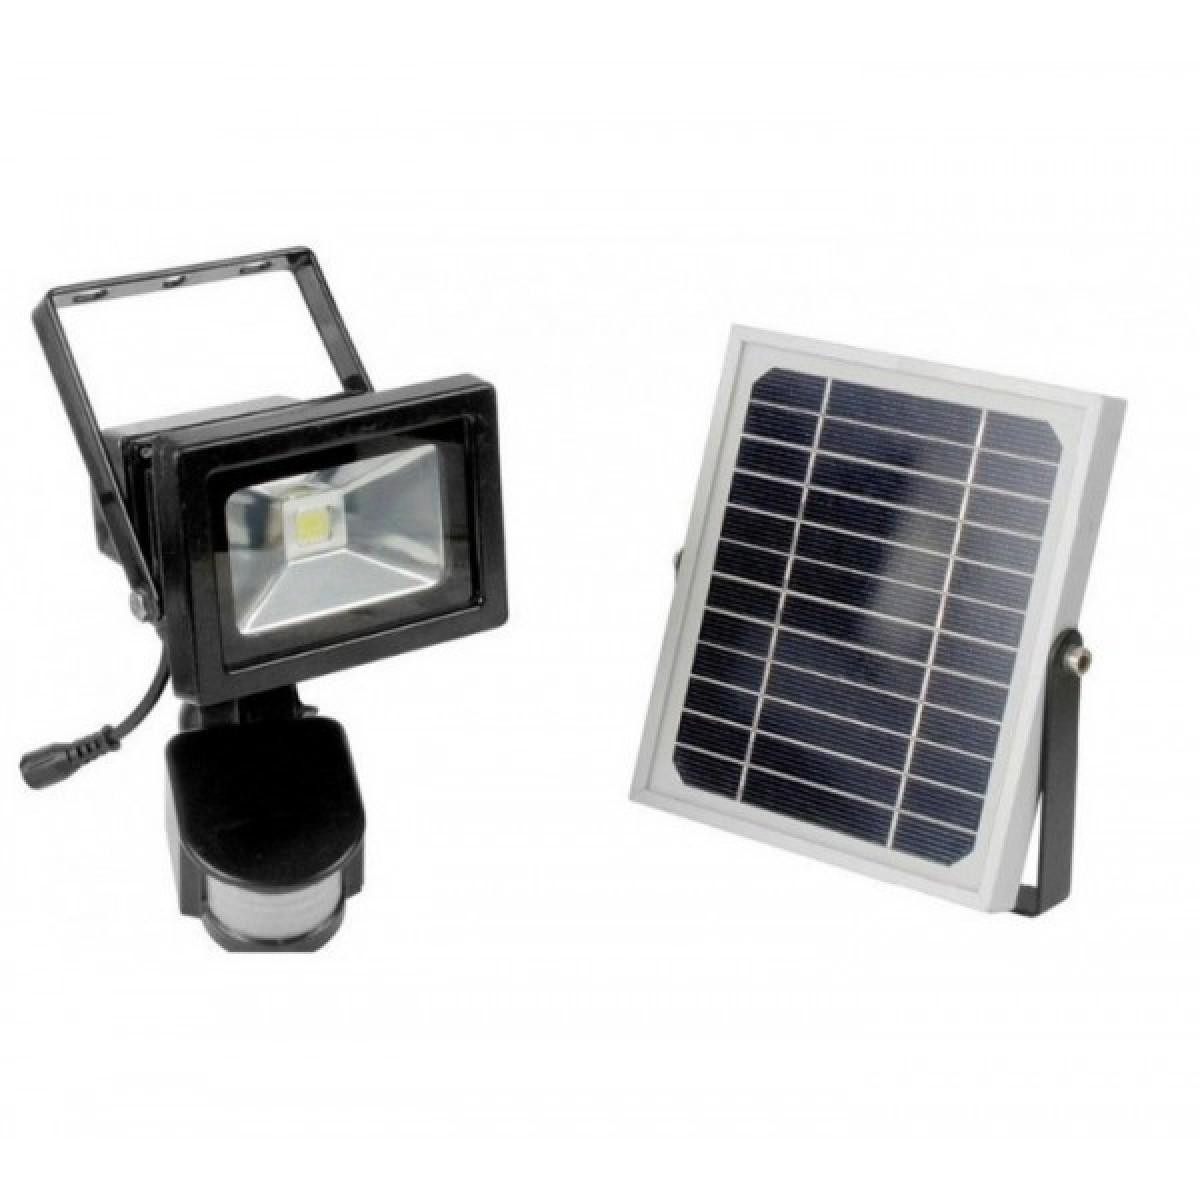 Ηλιακός LED προβολέας 10W με ανιχνευτή κίνησης & φωτοβολταϊκό συλλέκτη